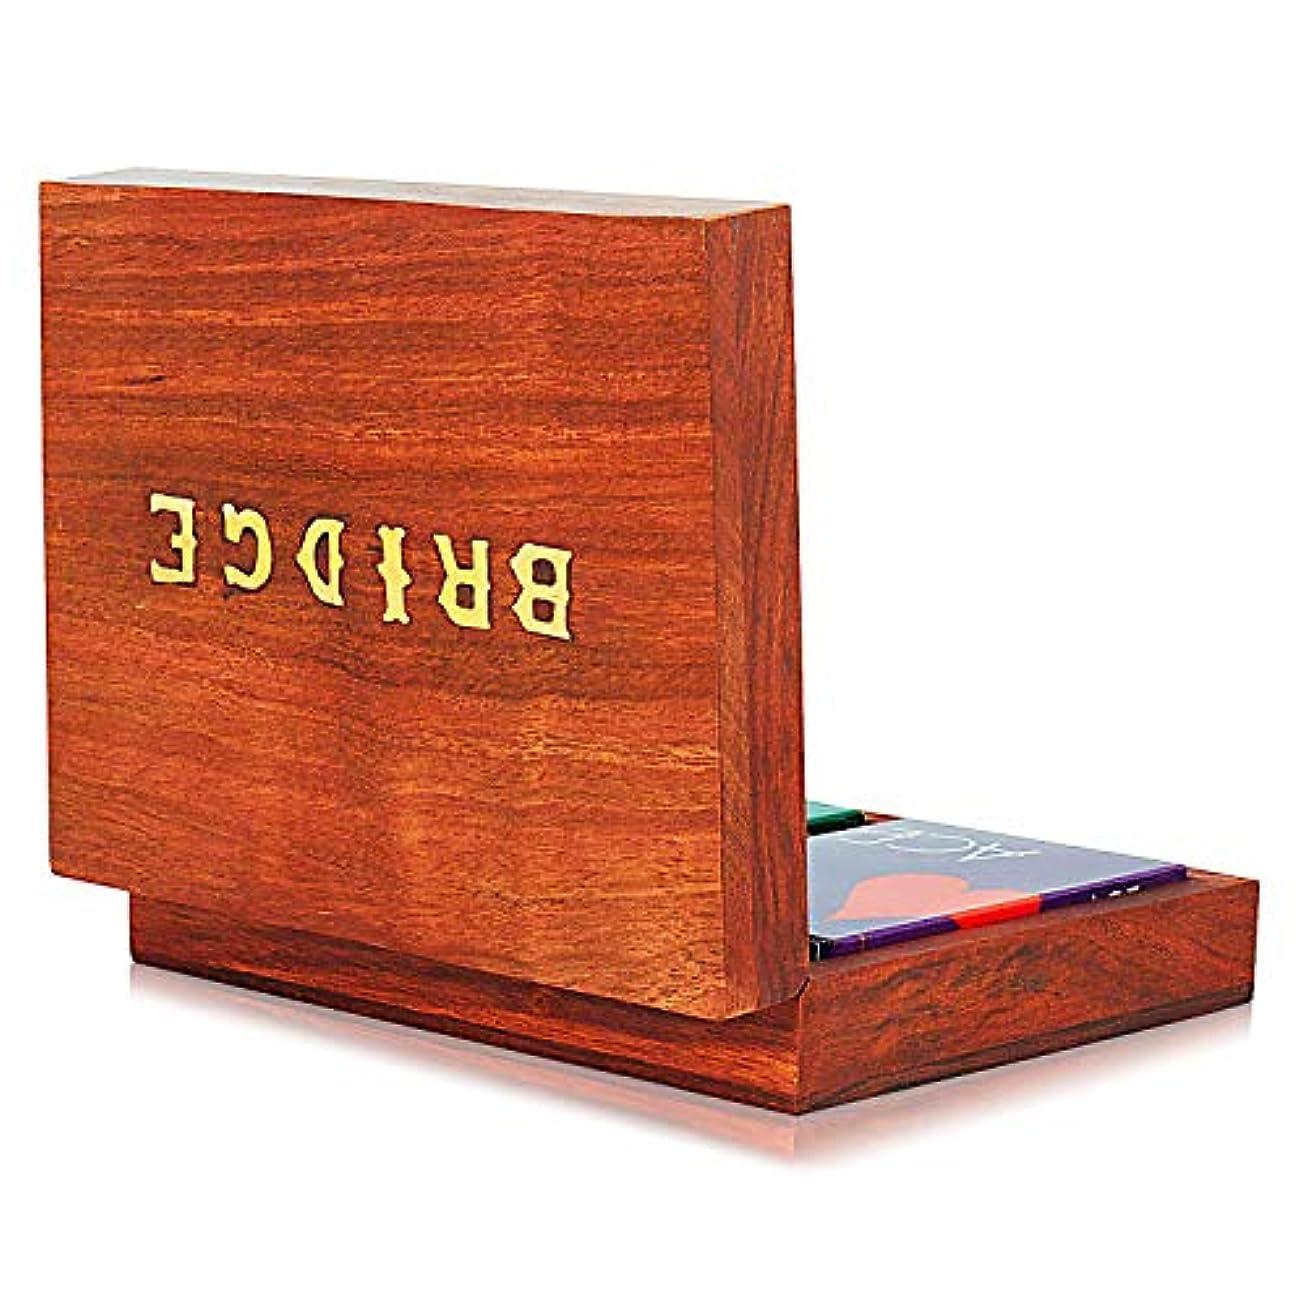 軽蔑行方不明揃えるThe Great Indian Bazaar 手作り木製ブリッジトランプ ホルダー デッキボックス 収納ケース オーガナイザー 2セット 高品質 「Ace」トランプ 記念日 新築祝い ギフト 彼氏 彼女